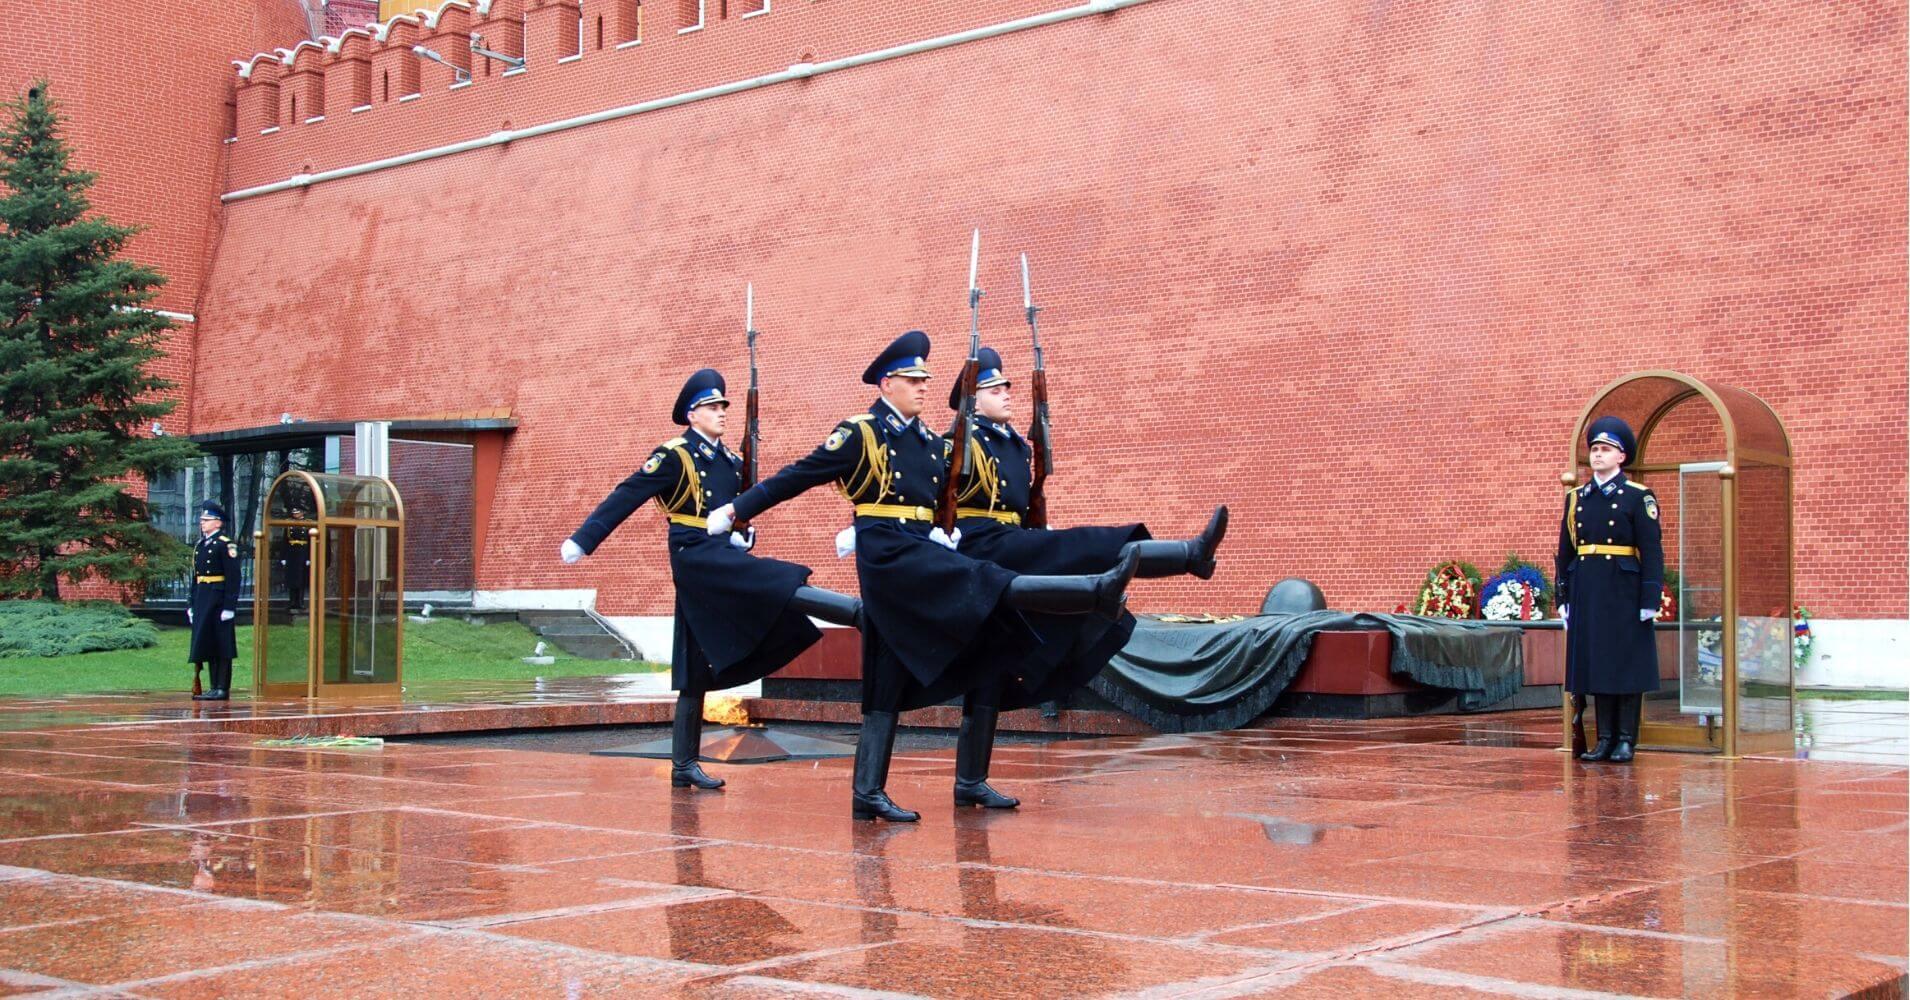 Tumba del Soldado Desconocido, Rusia.